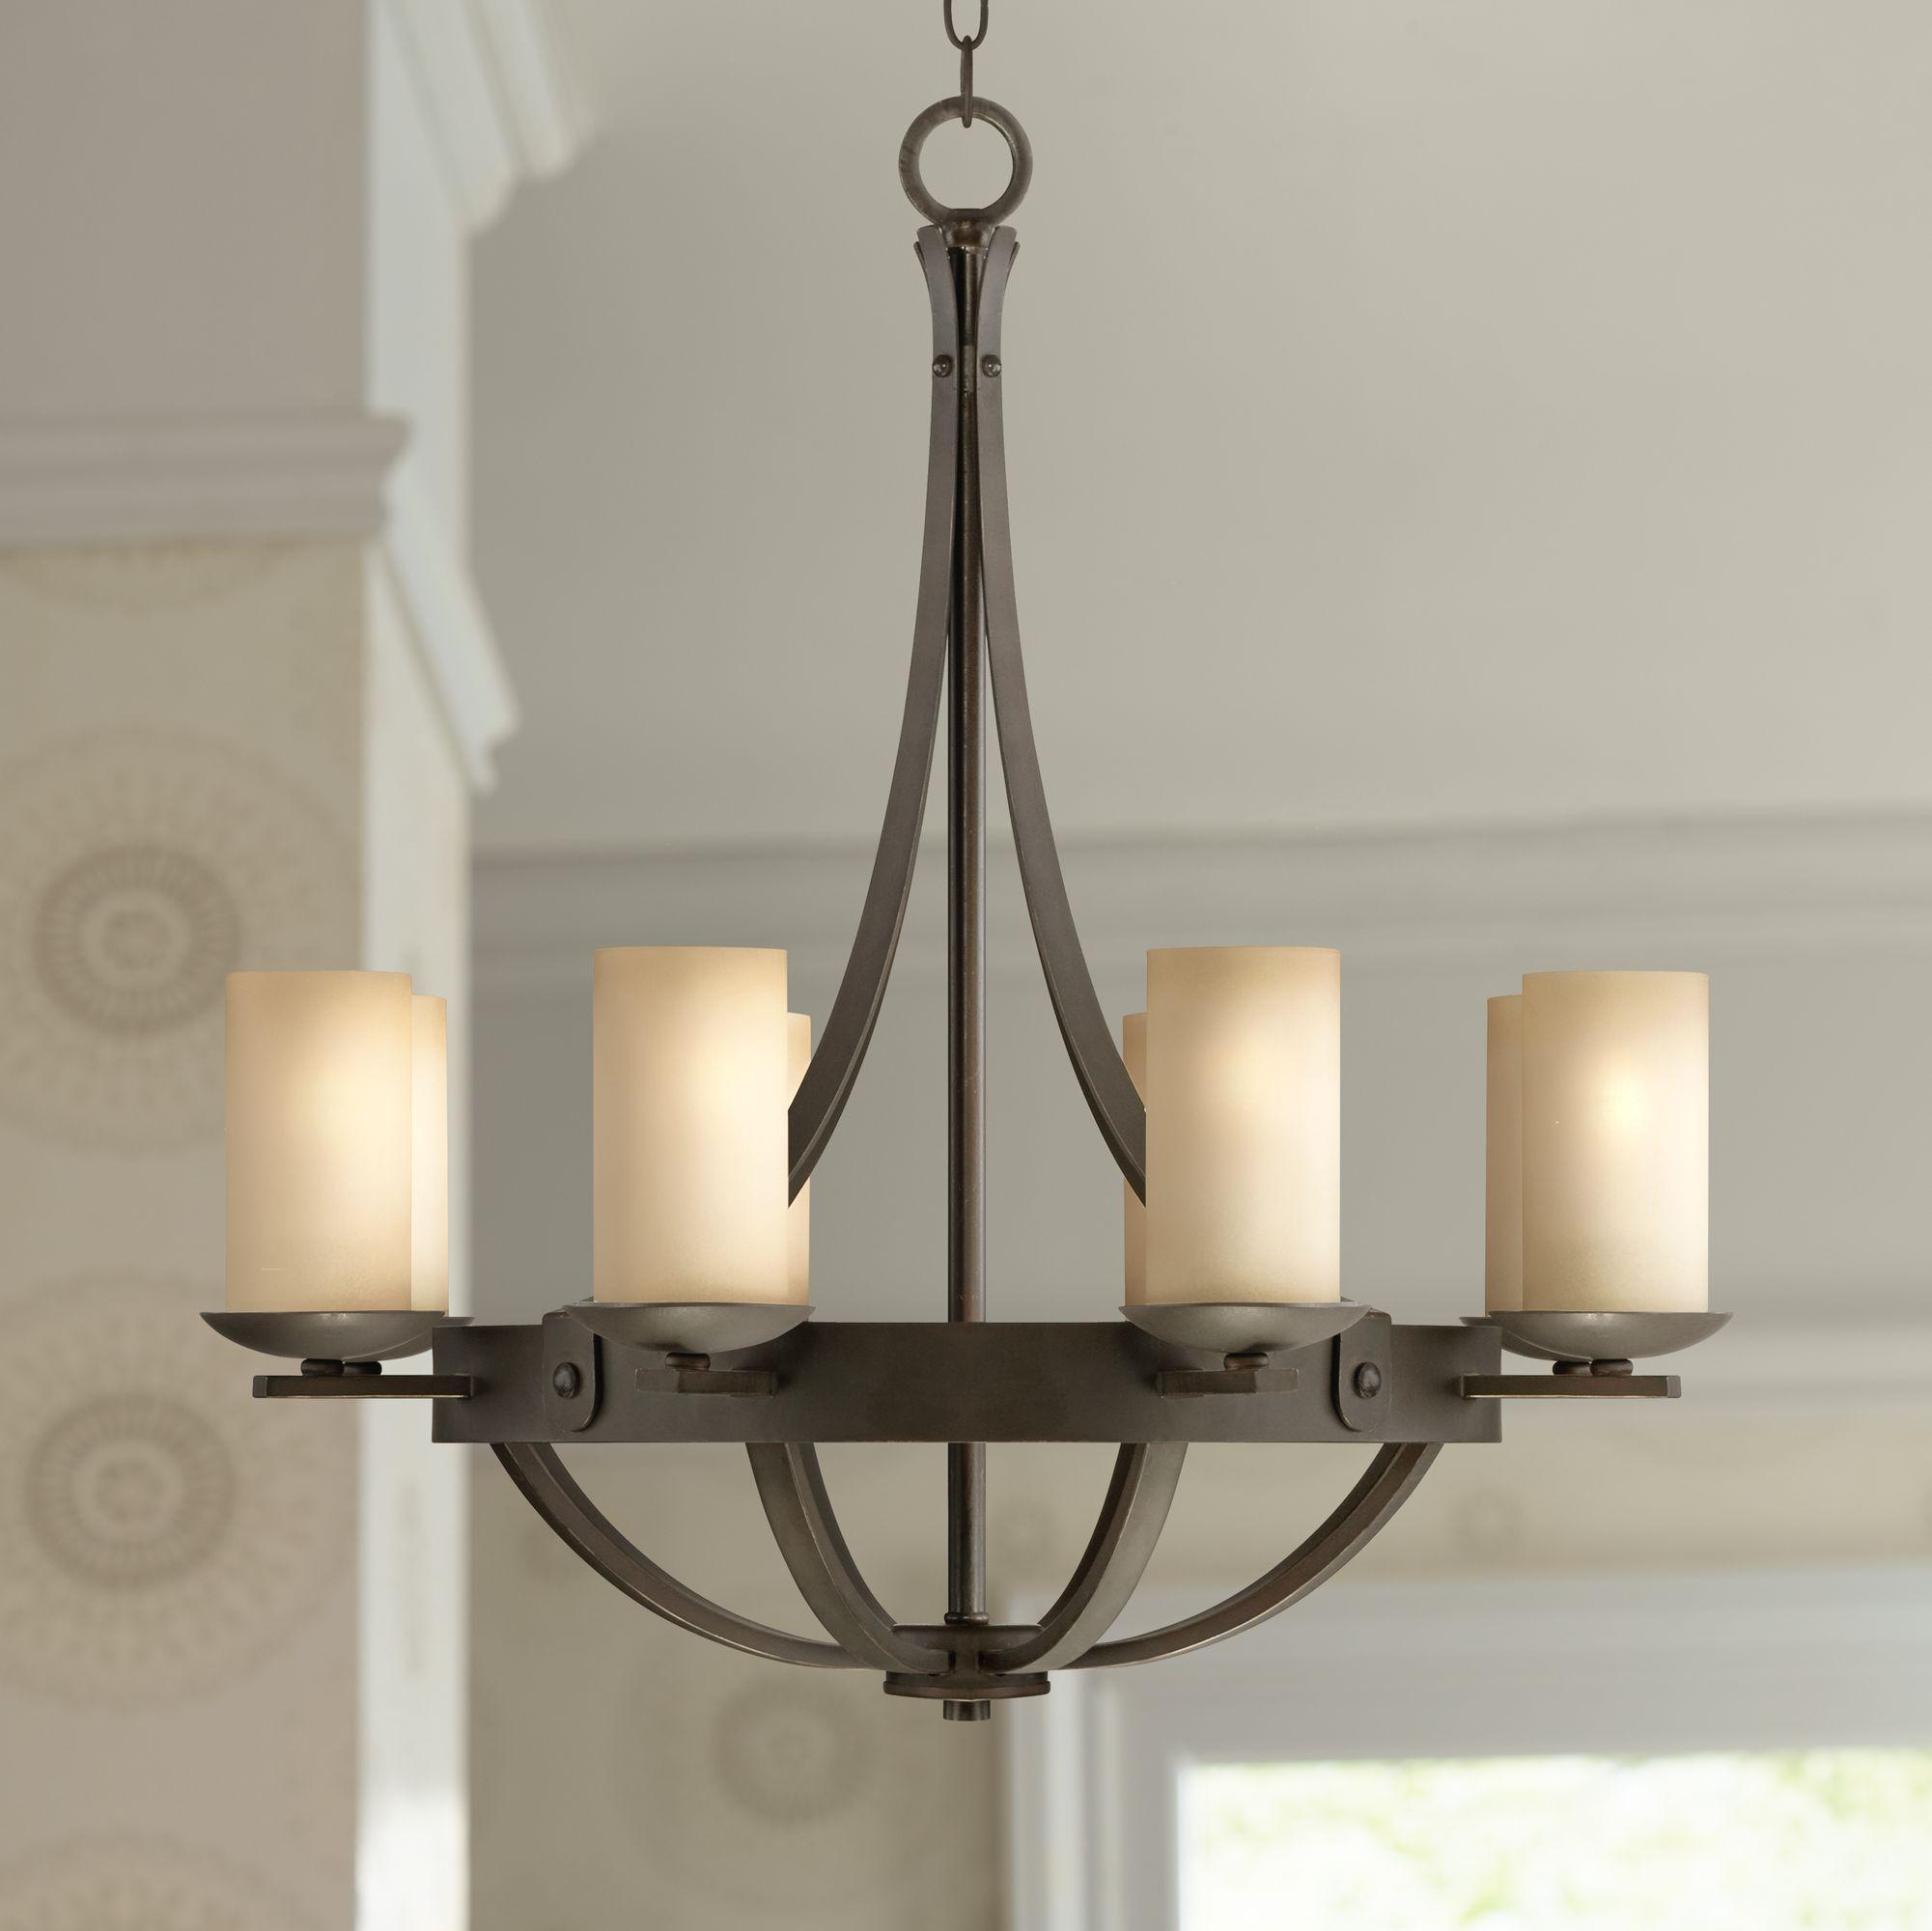 dining room chandeliers sperry bronze 28 TTHZCAL